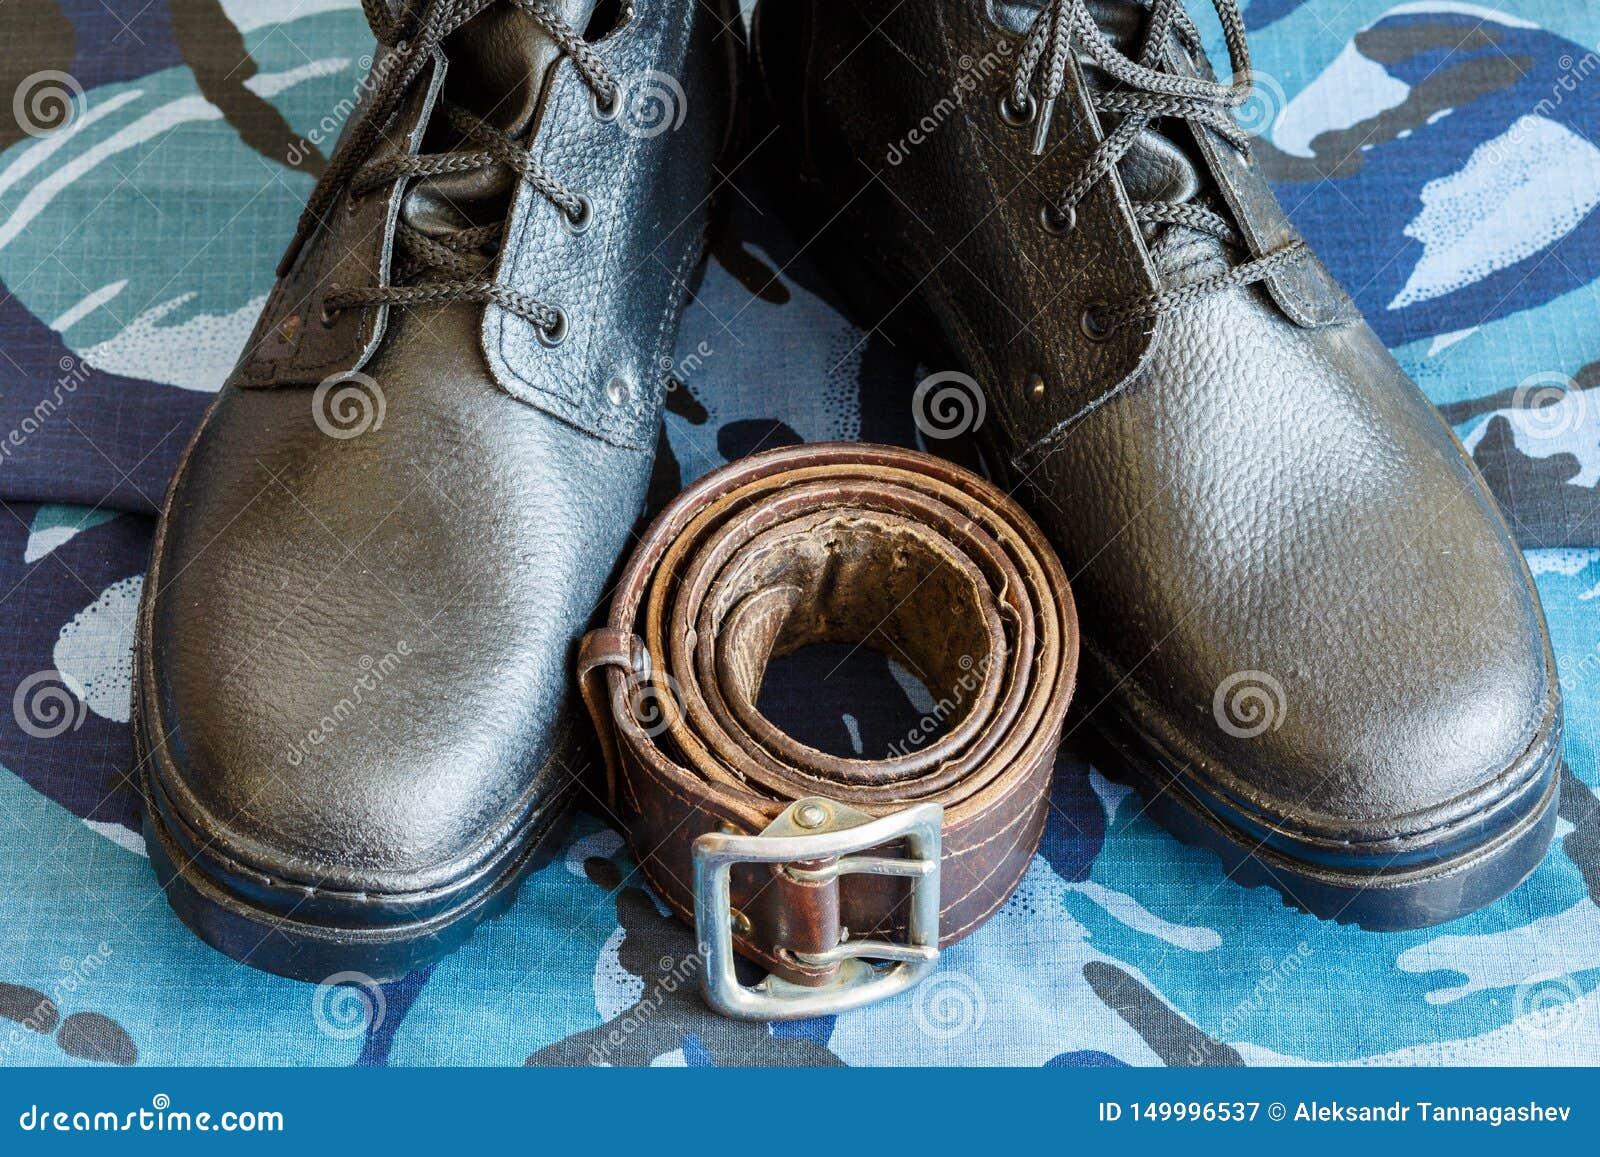 Bottes d armée et ceinture d armée sur le tissu bleu de camouflage De façon générale pour le soldat